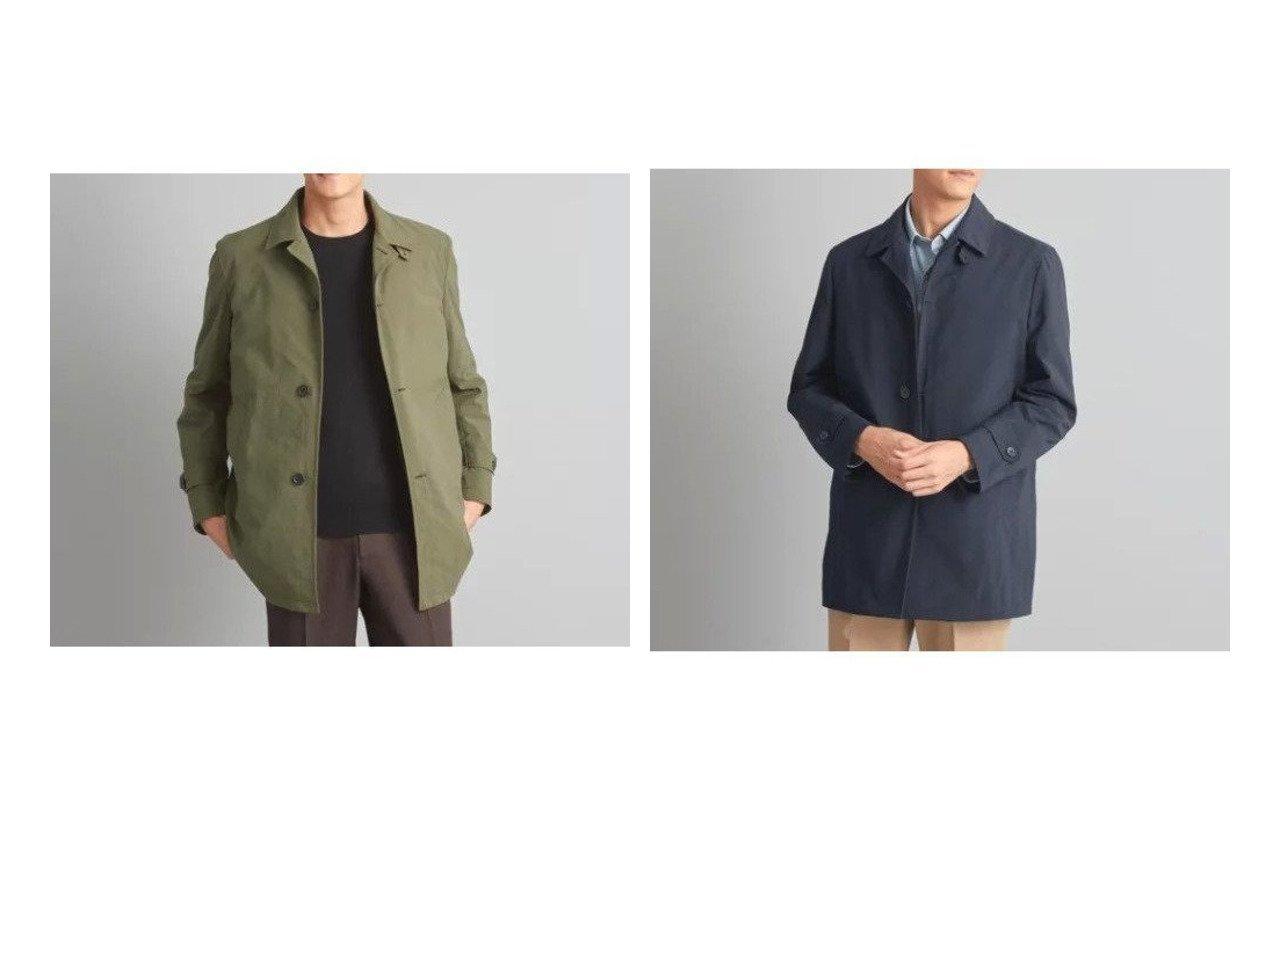 【green label relaxing / UNITED ARROWS / MEN/グリーンレーベルリラクシング メン】のWTO ナイロン ライナー ステンカラー コート 【MEN】男性のおすすめ!人気トレンド・メンズファッションの通販  おすすめで人気のファッション通販商品 インテリア・家具・キッズファッション・メンズファッション・レディースファッション・服の通販 founy(ファニー) https://founy.com/ ファッション Fashion メンズ MEN 春 秋 ジャケット スマート ダウン トレンド メンズ ライナー  ID:crp329100000006547